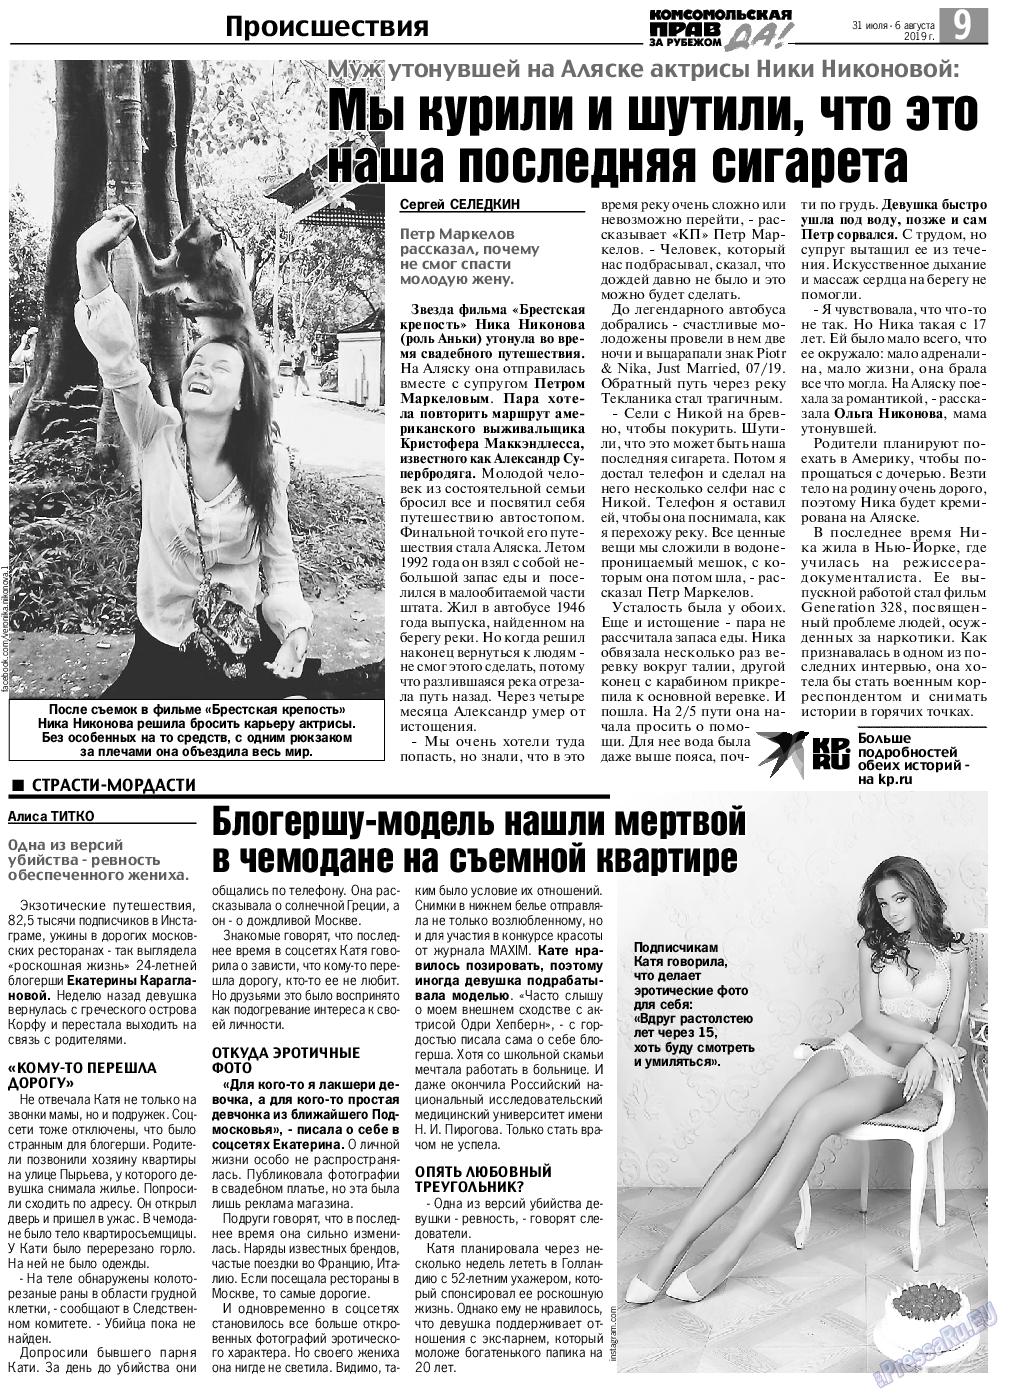 КП в Европе (газета). 2019 год, номер 31, стр. 9